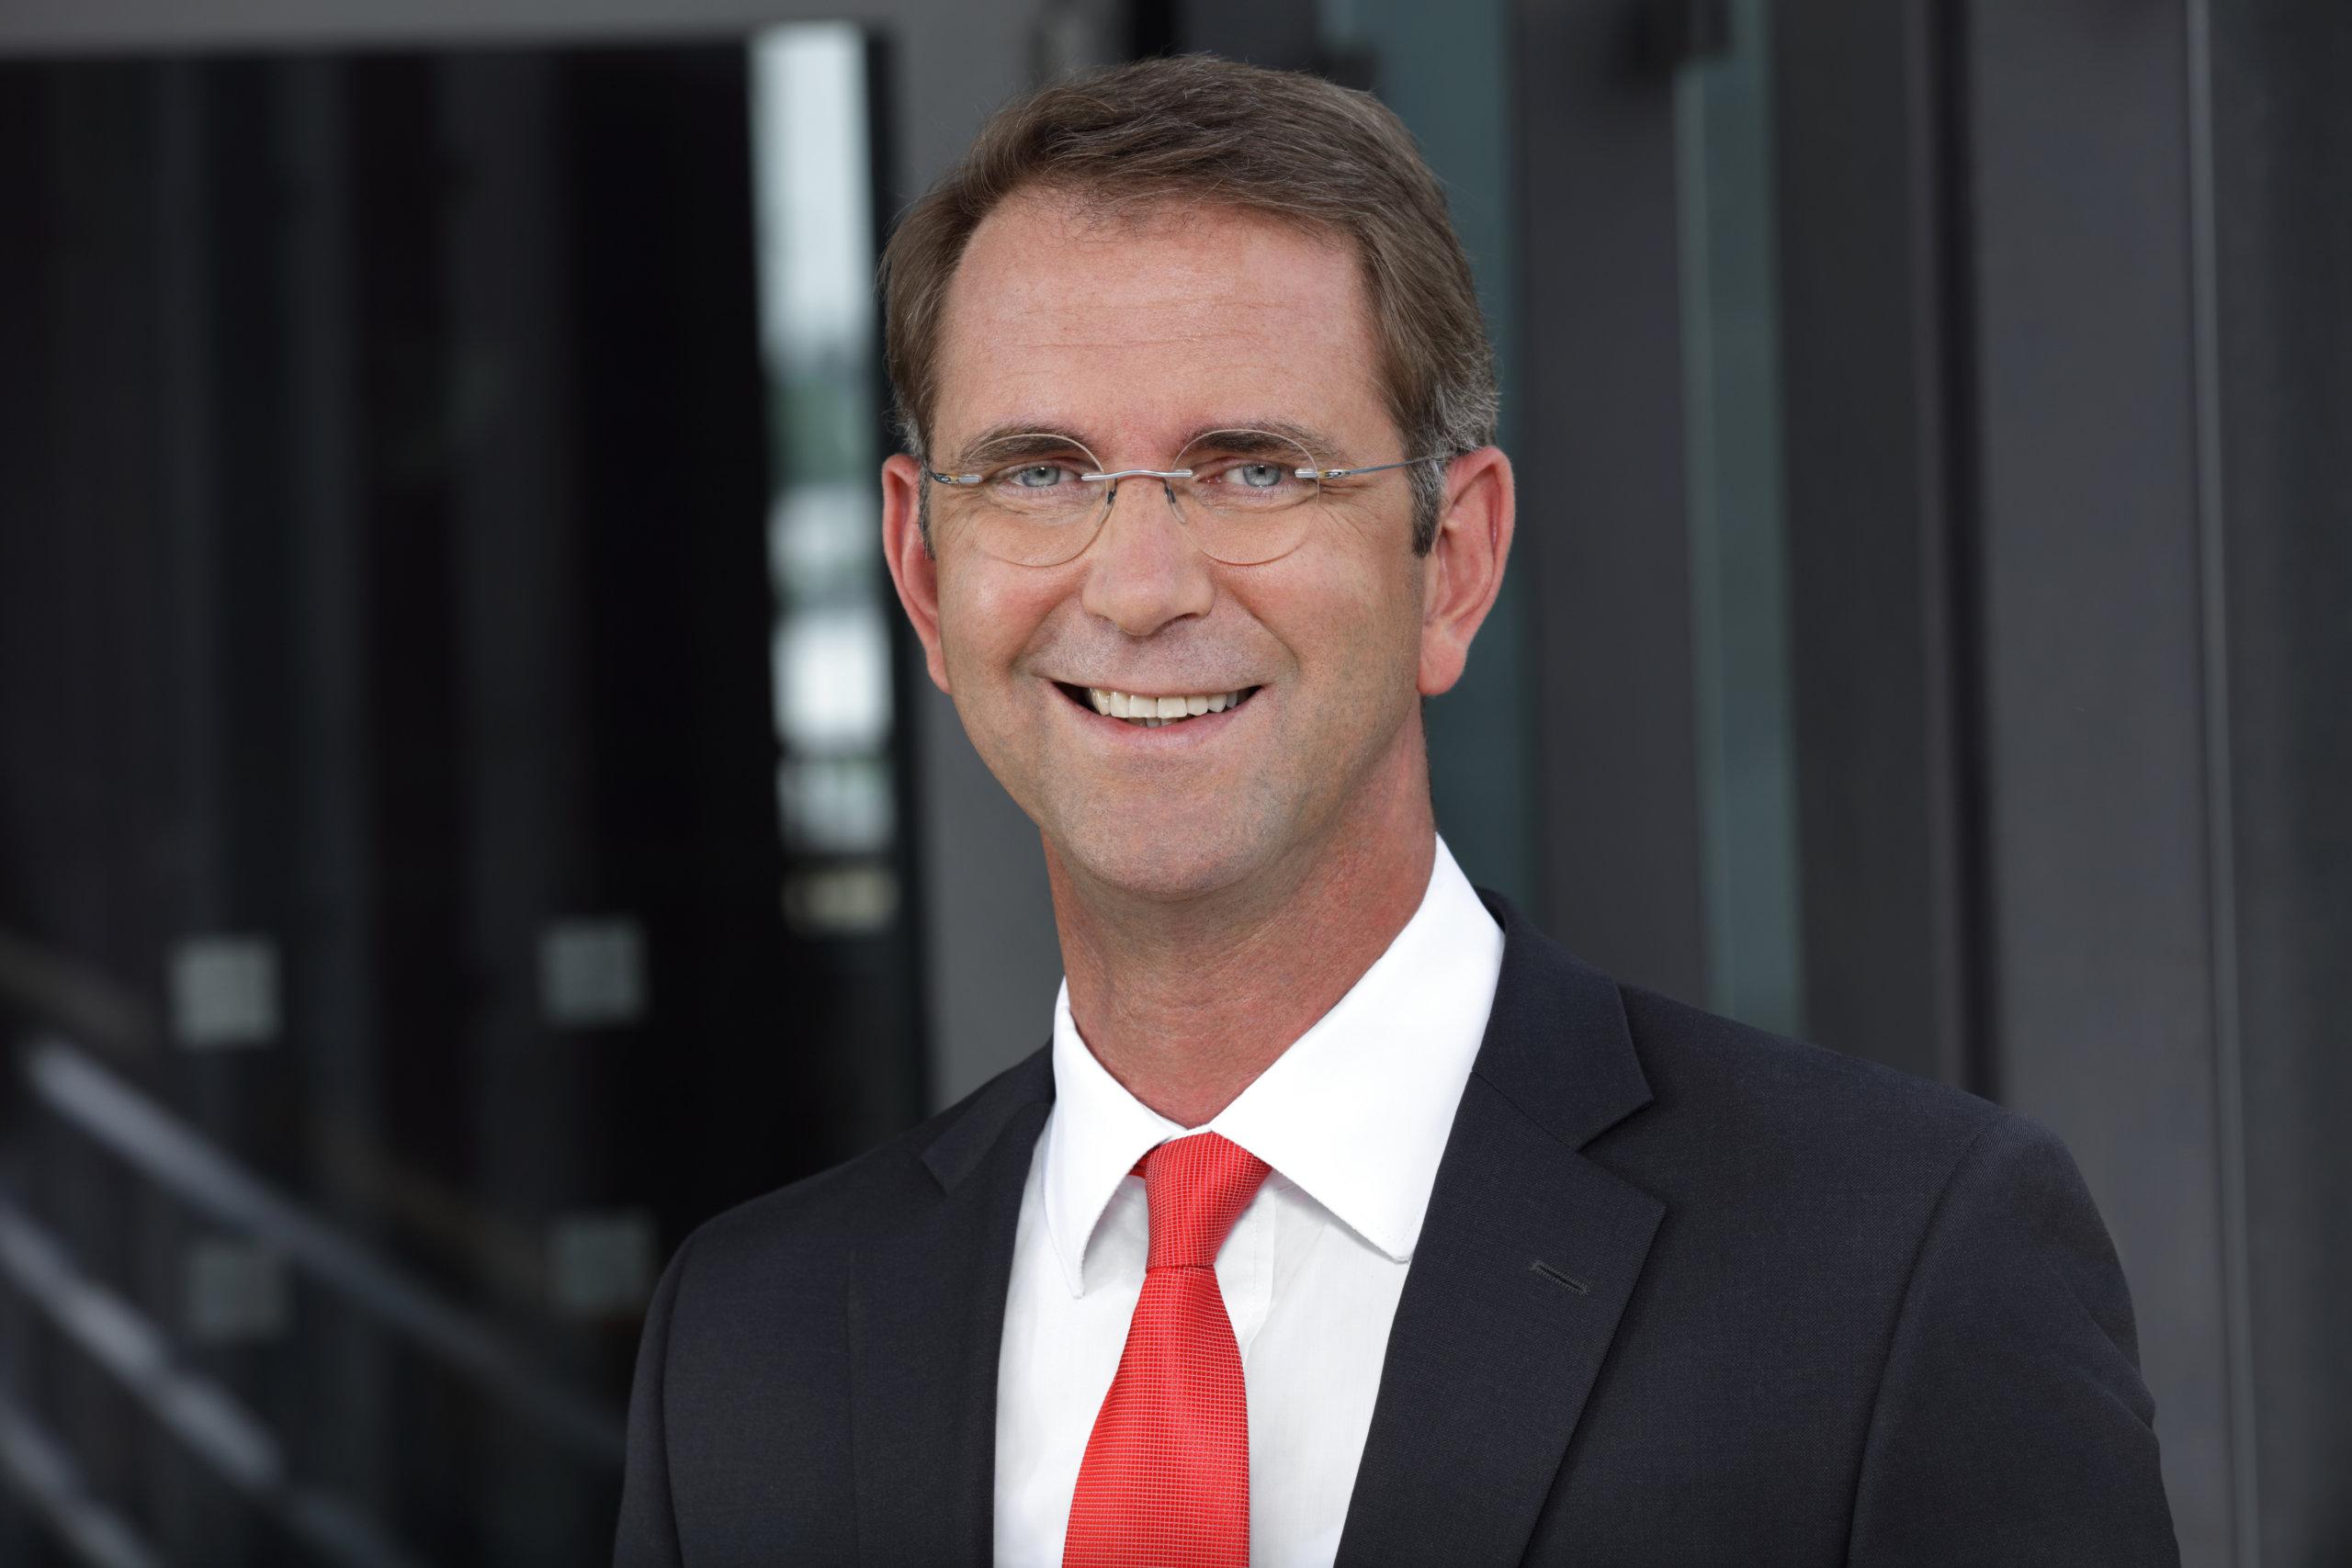 Prof. Günther Schuh, Mitglied des Direktoriums des Werkzeugmaschinenlabors (WZL) der RWTH Aachen, Quelle: WZL Aachen